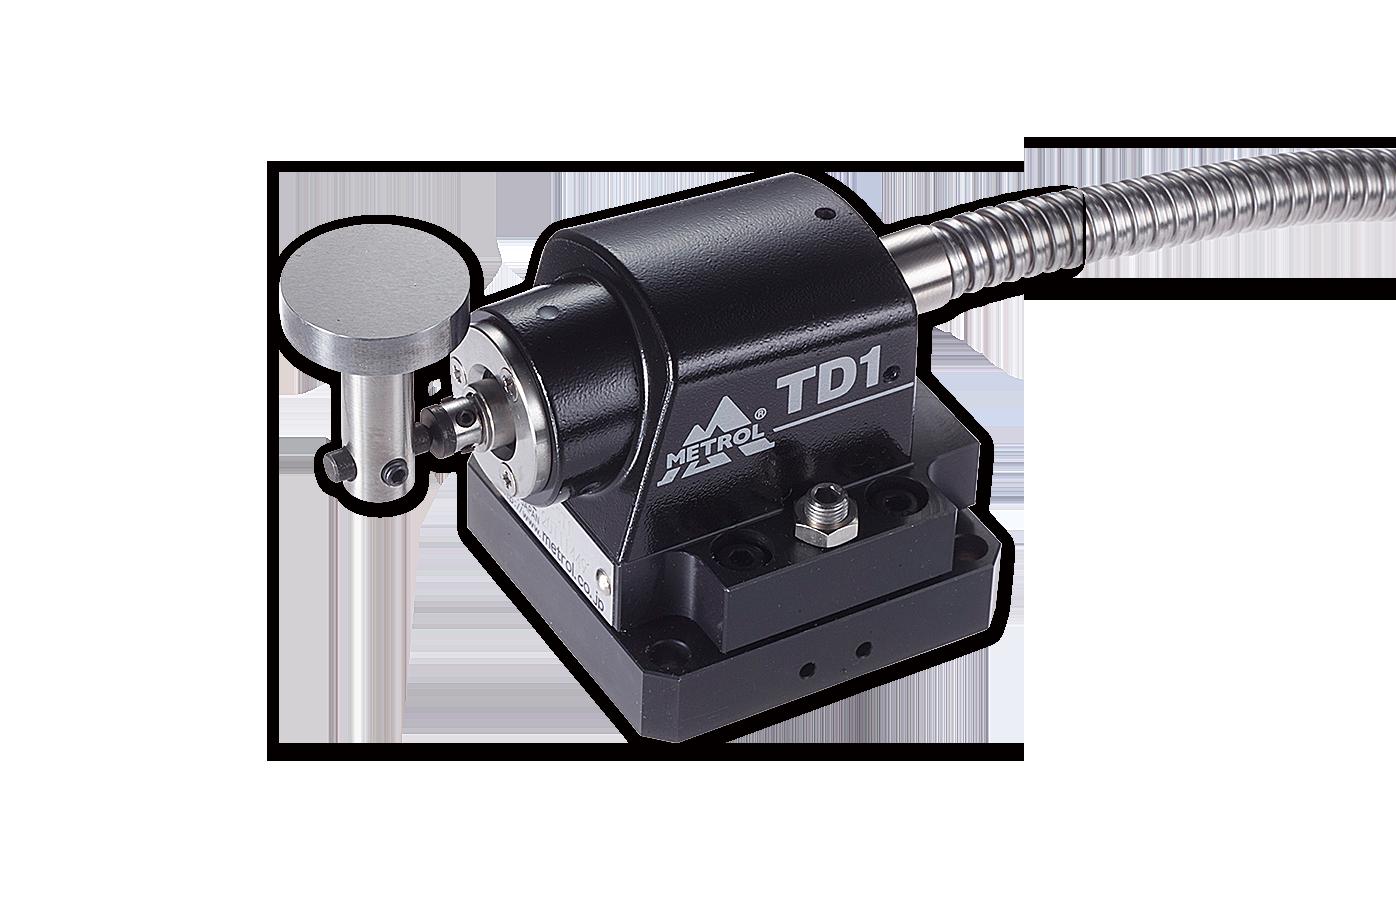 工具径測定用ツールセッター[TD1シリーズ]